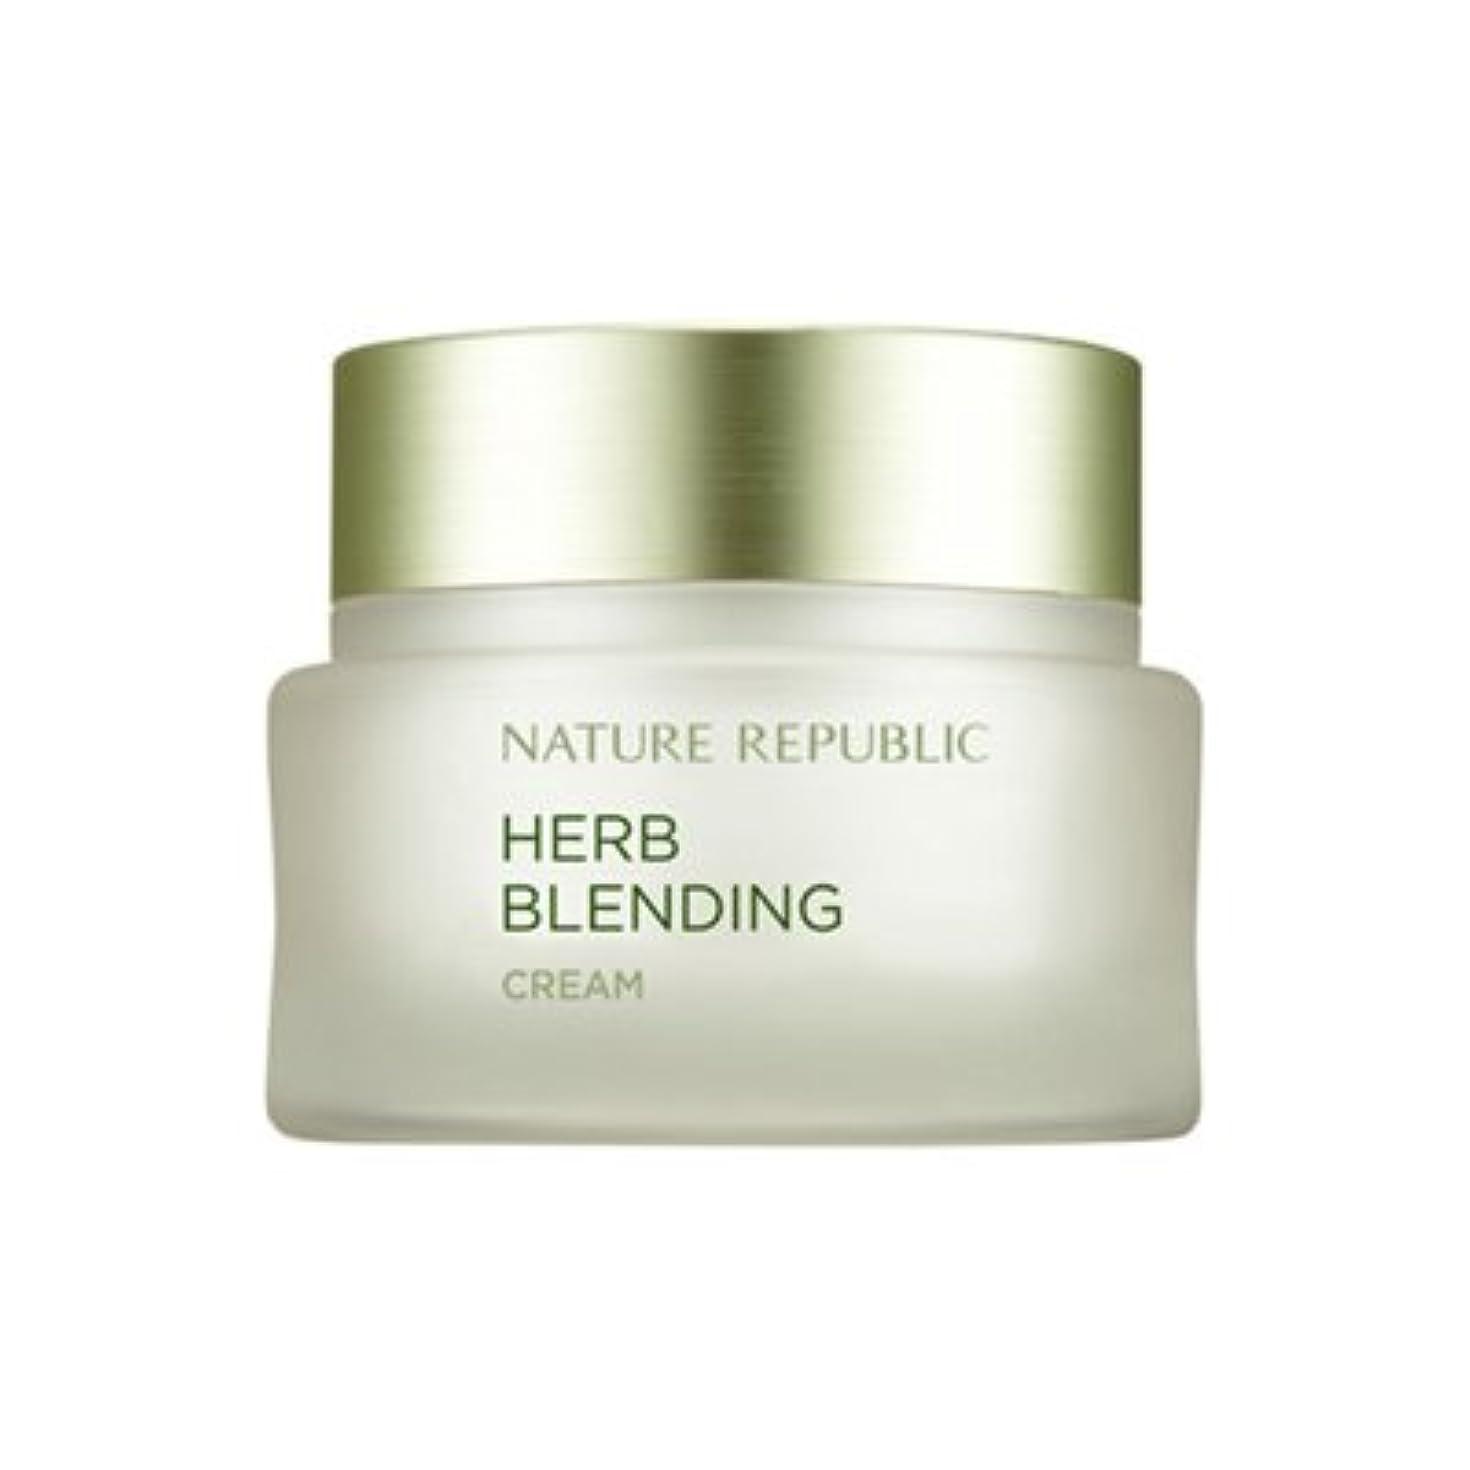 女性ランダム掃除NATURE REPUBLIC Herb Blending Cream ネイチャーリパブリック ハーブブレンドクリーム [並行輸入品]